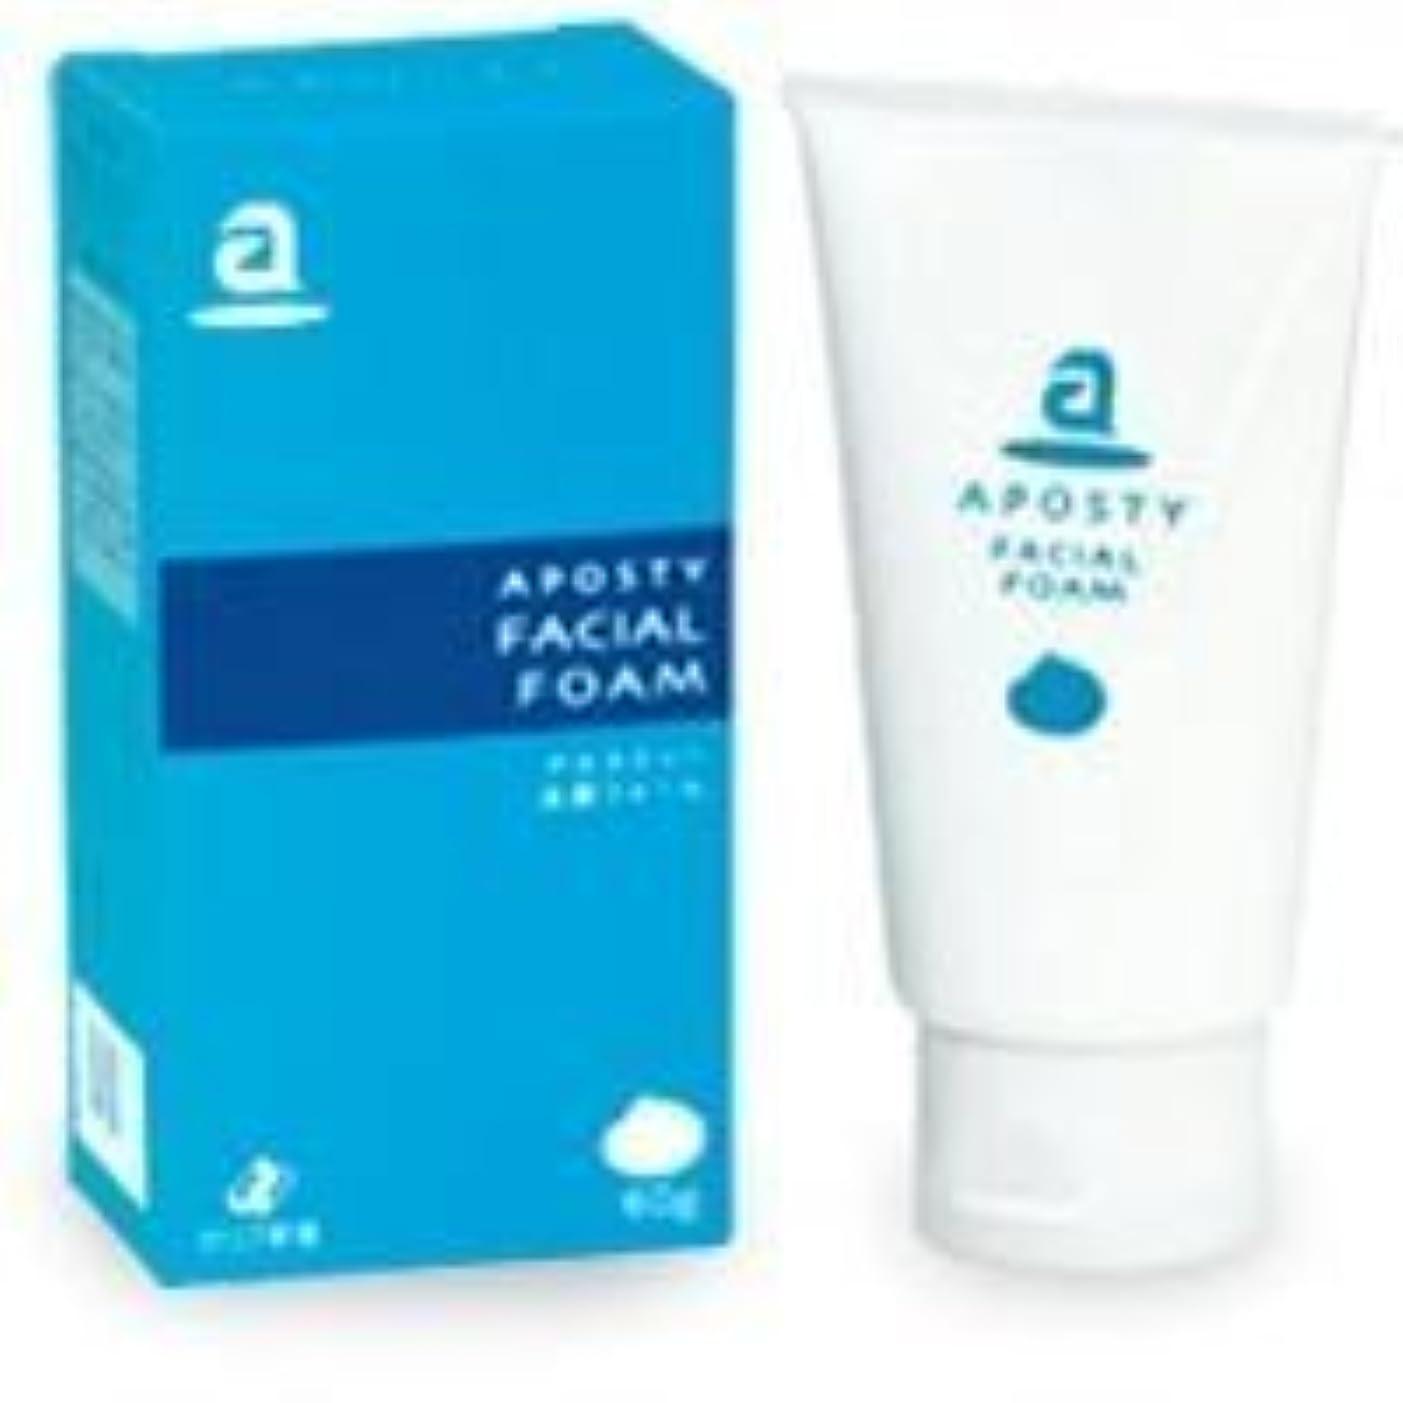 ゼリア新薬 アポスティー洗顔フォーム120g